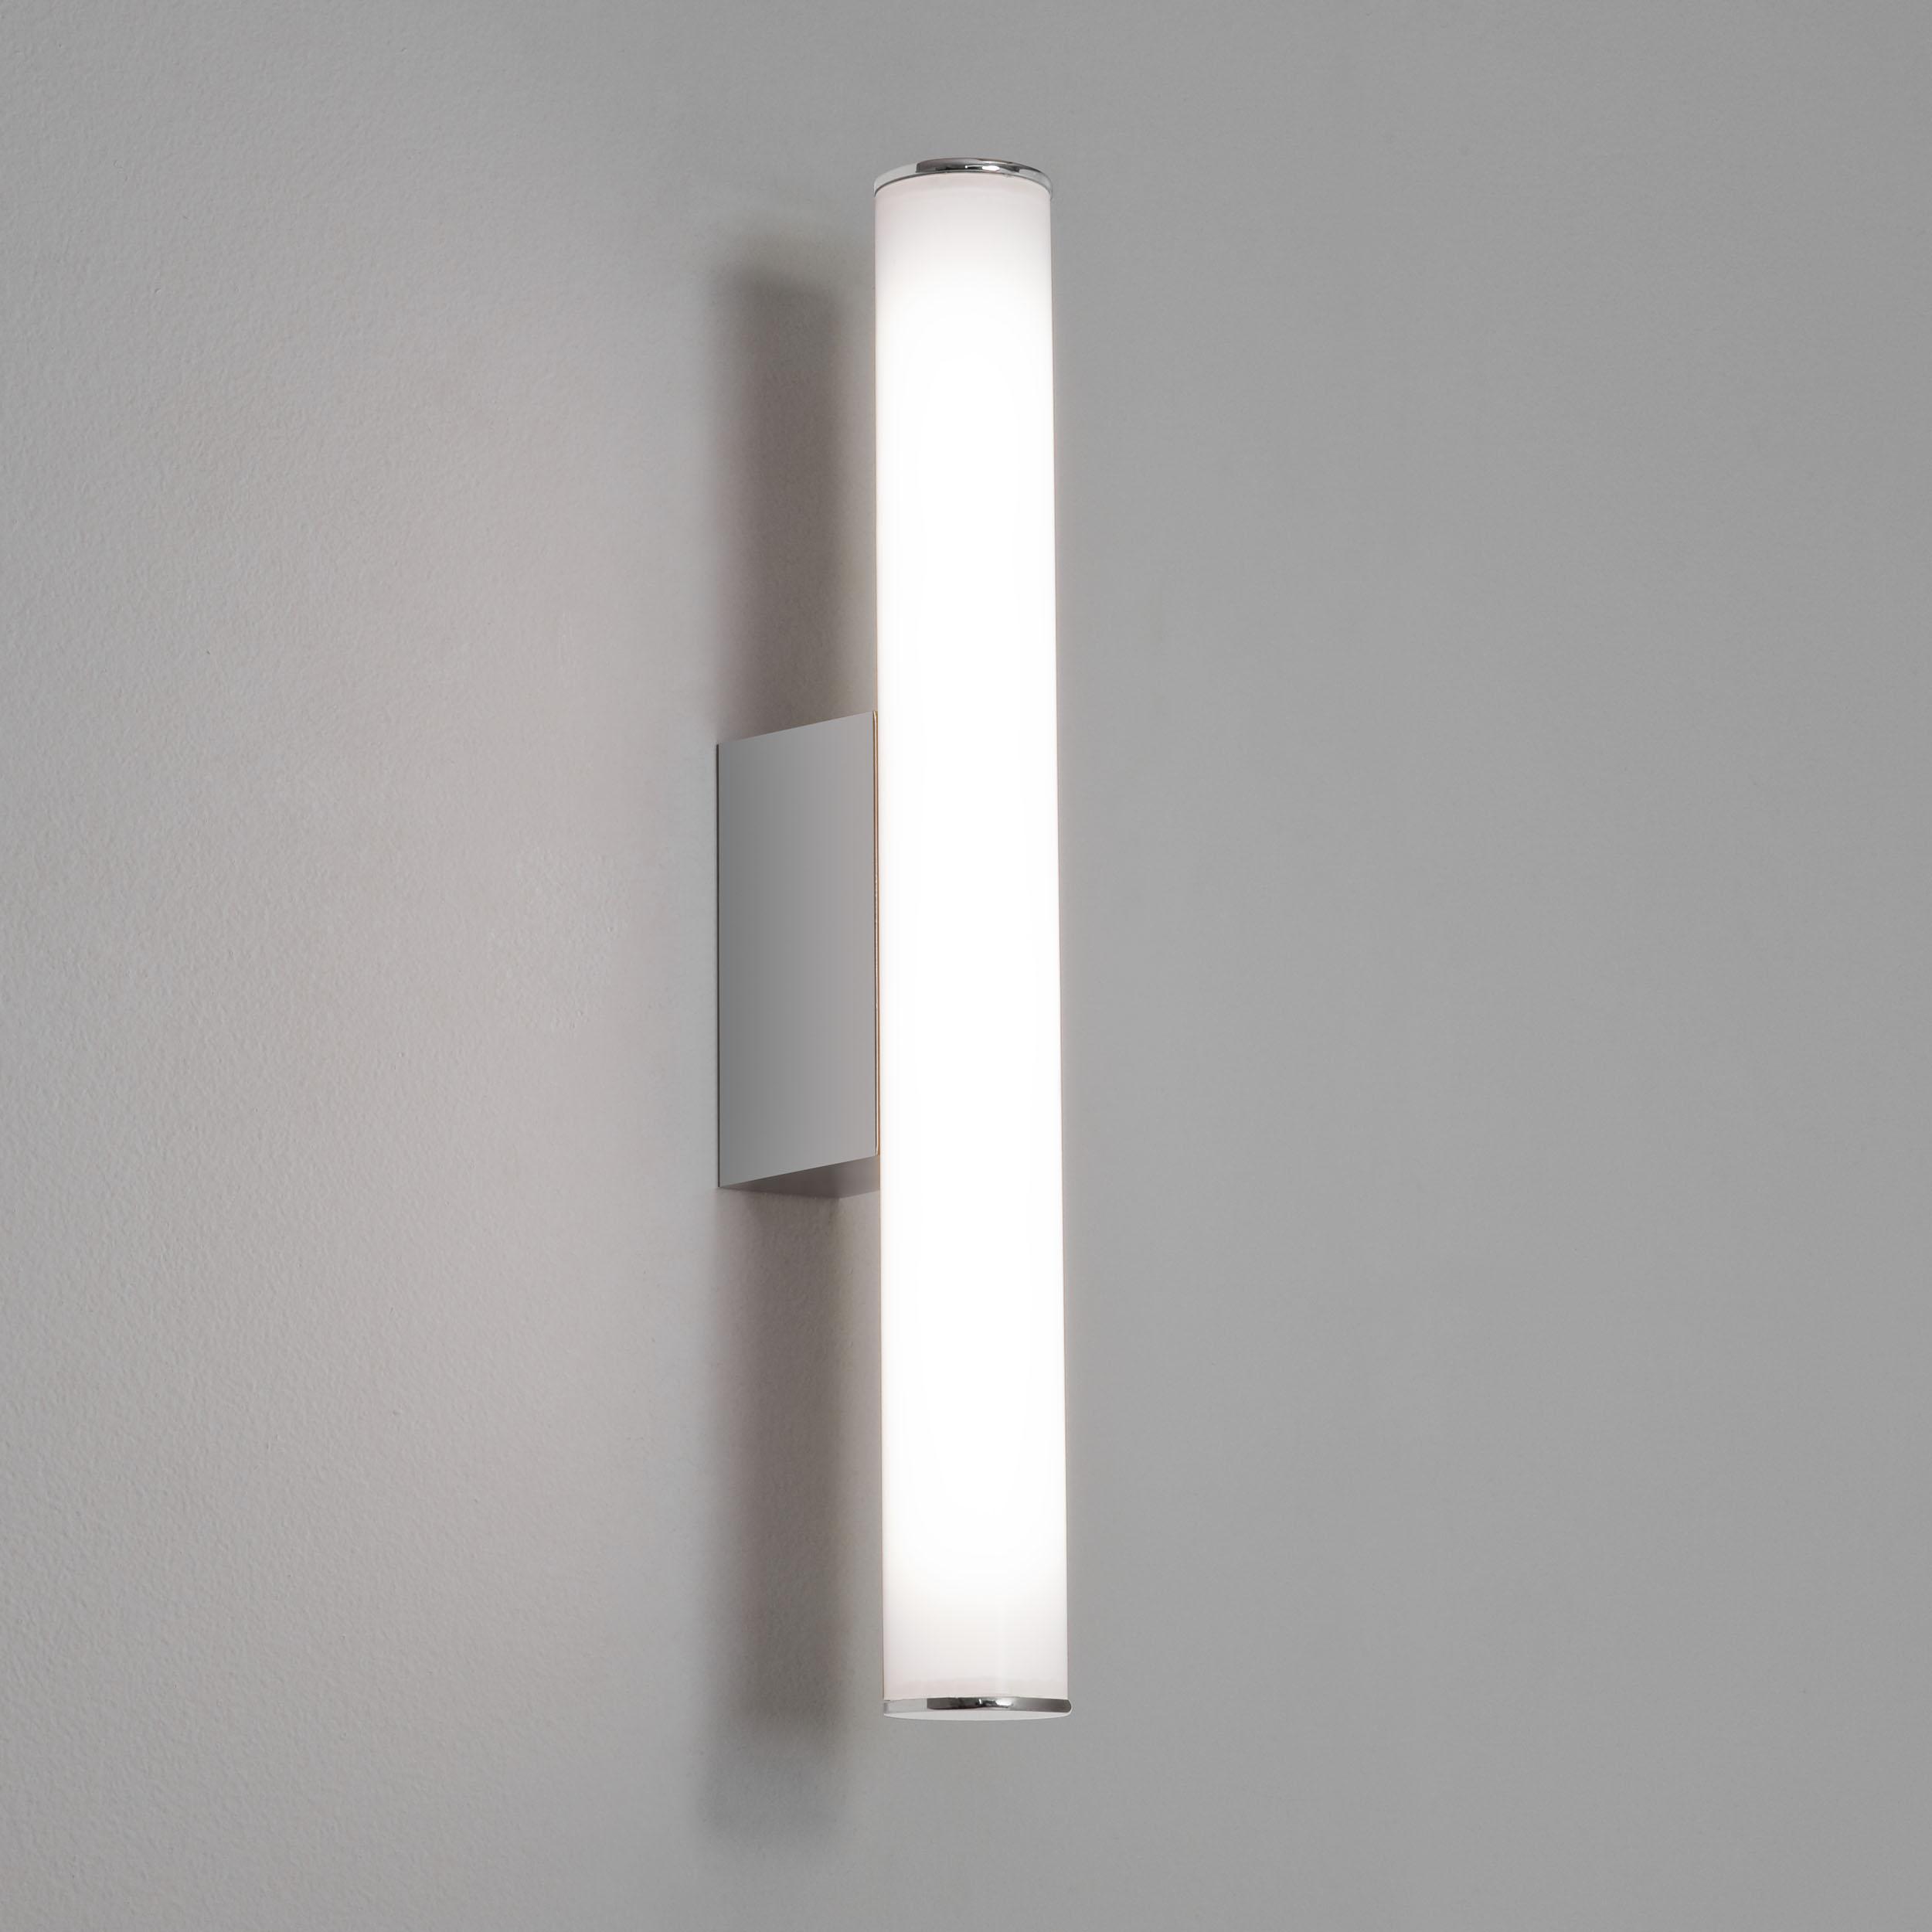 Настенный светодиодный светильник Astro Dio 1305001 (7101), IP44, LED 4,53W, 3000K (теплый), хром, белый, металл, пластик - фото 2